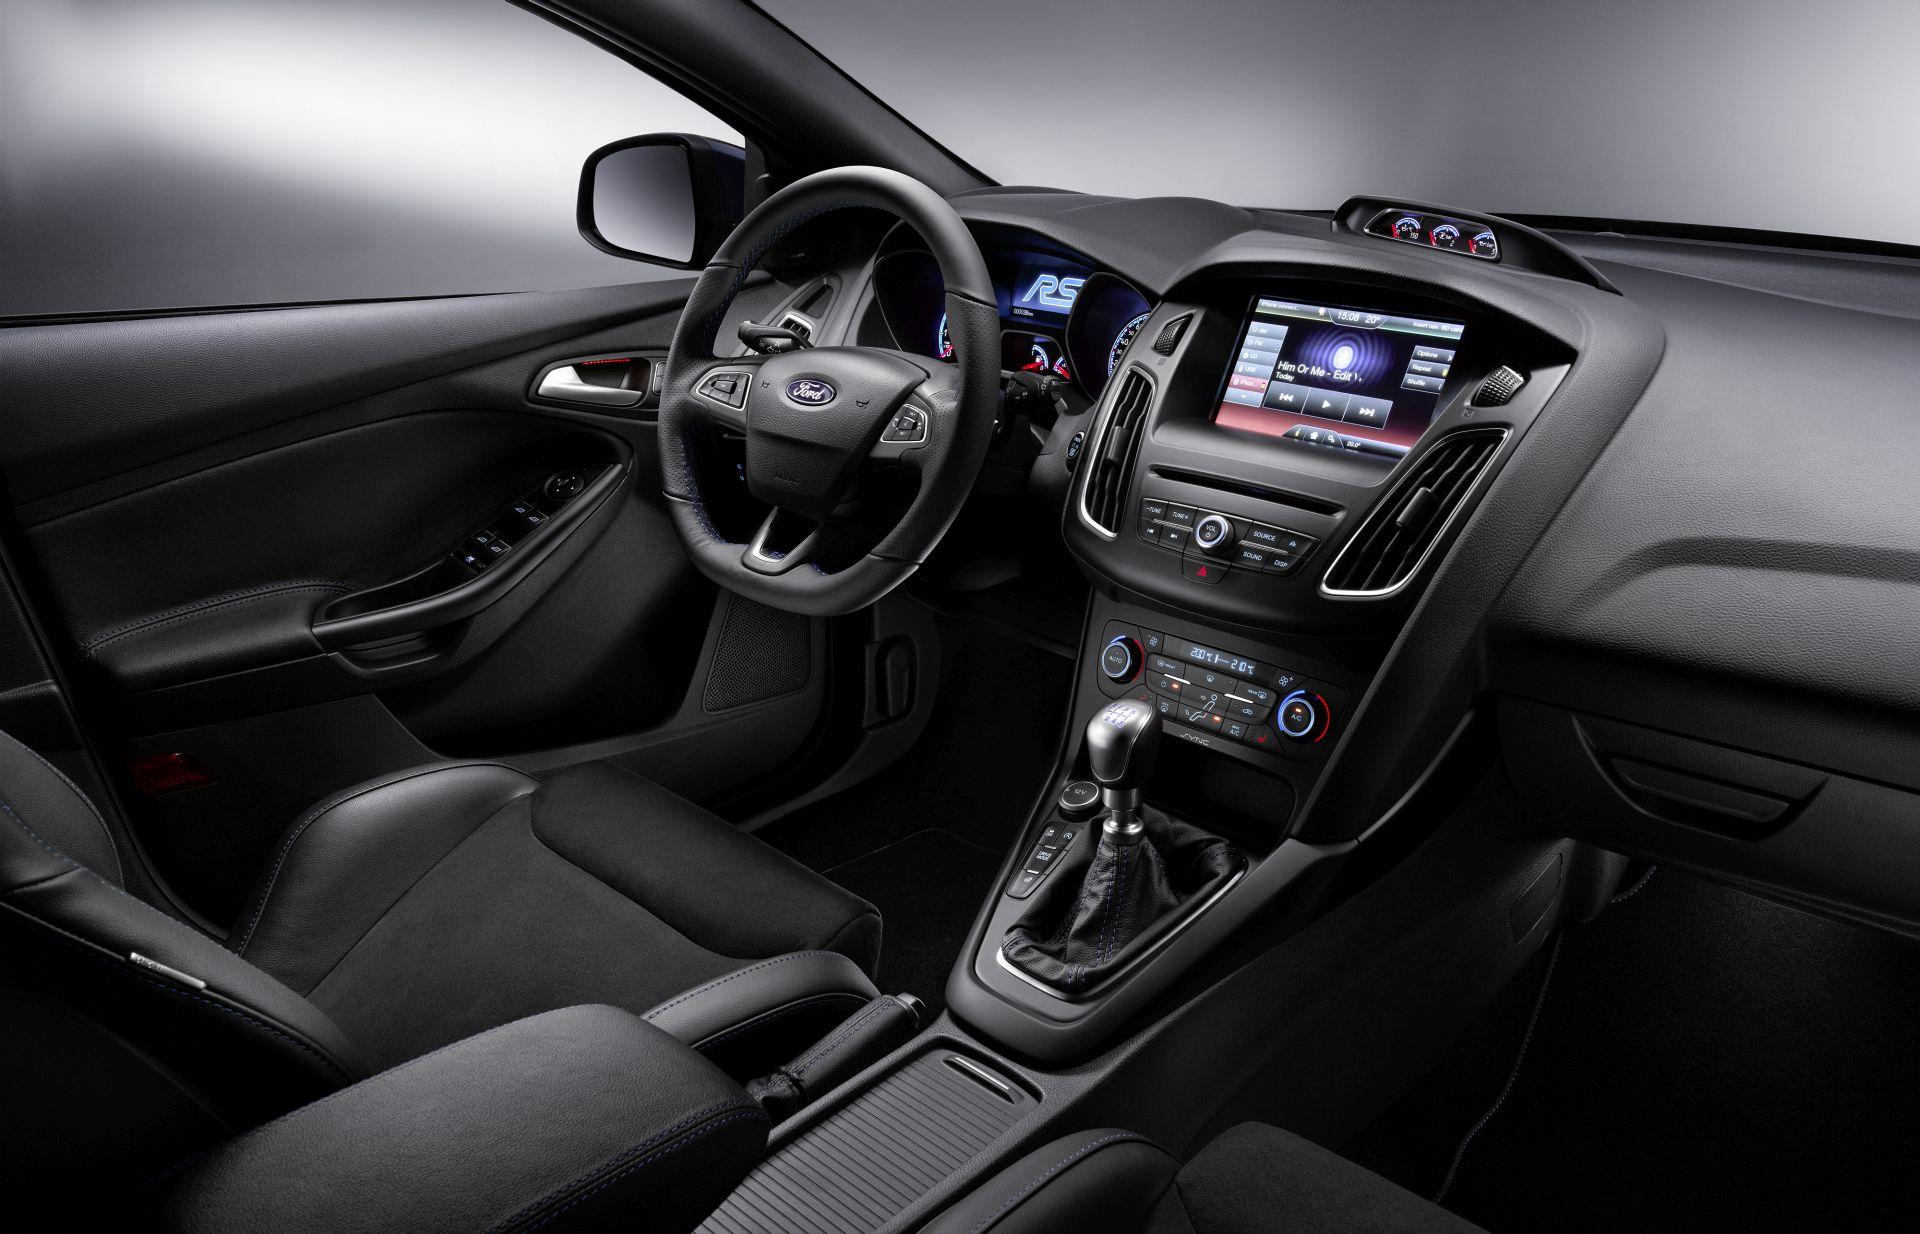 Форд Фокус 3, цена нового Форд Фокус 3 2016 года. Купить у ...